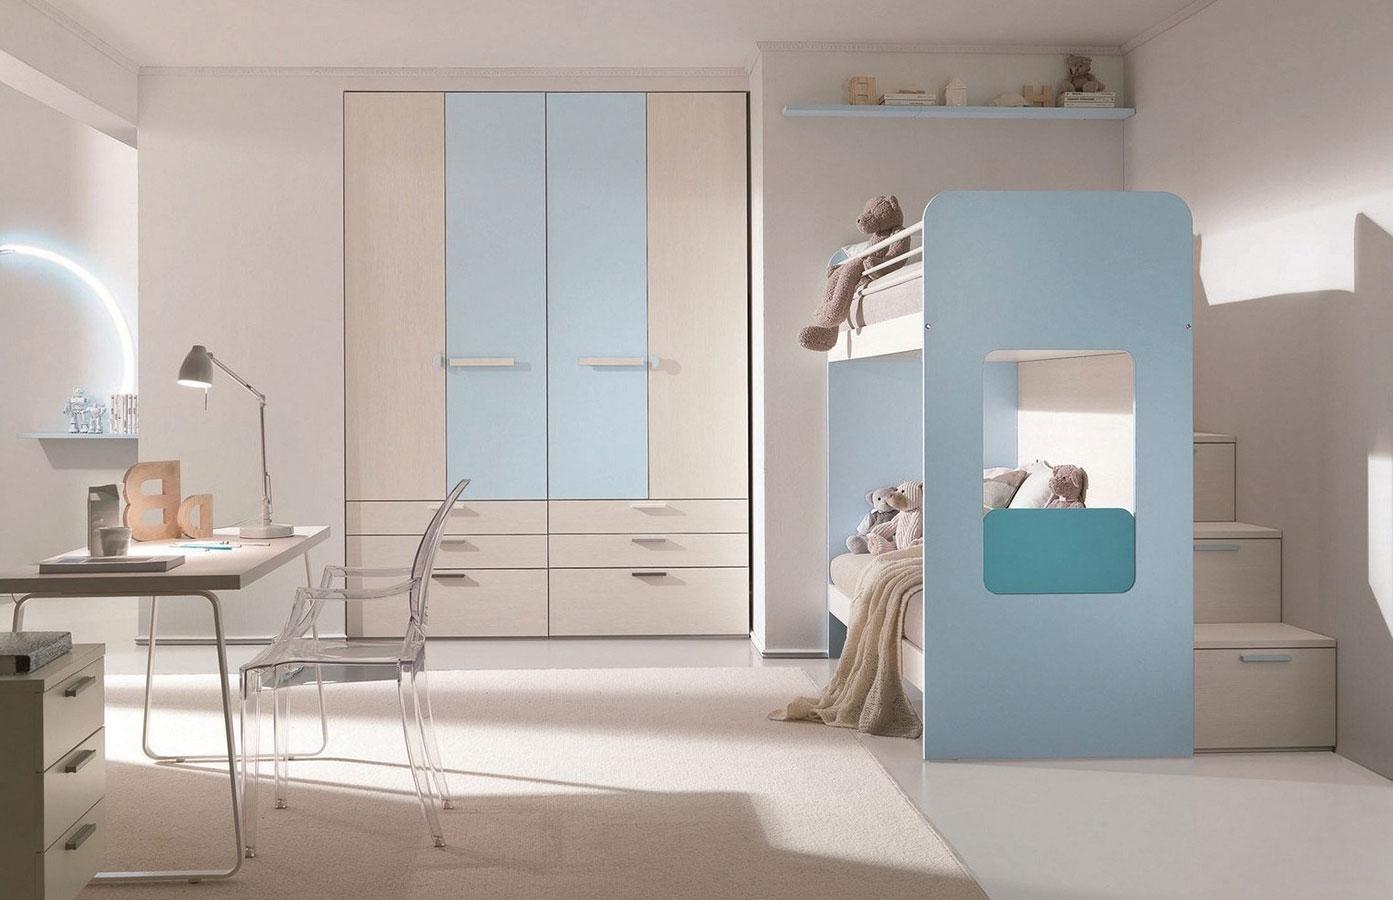 294_z_091Letti_Design80